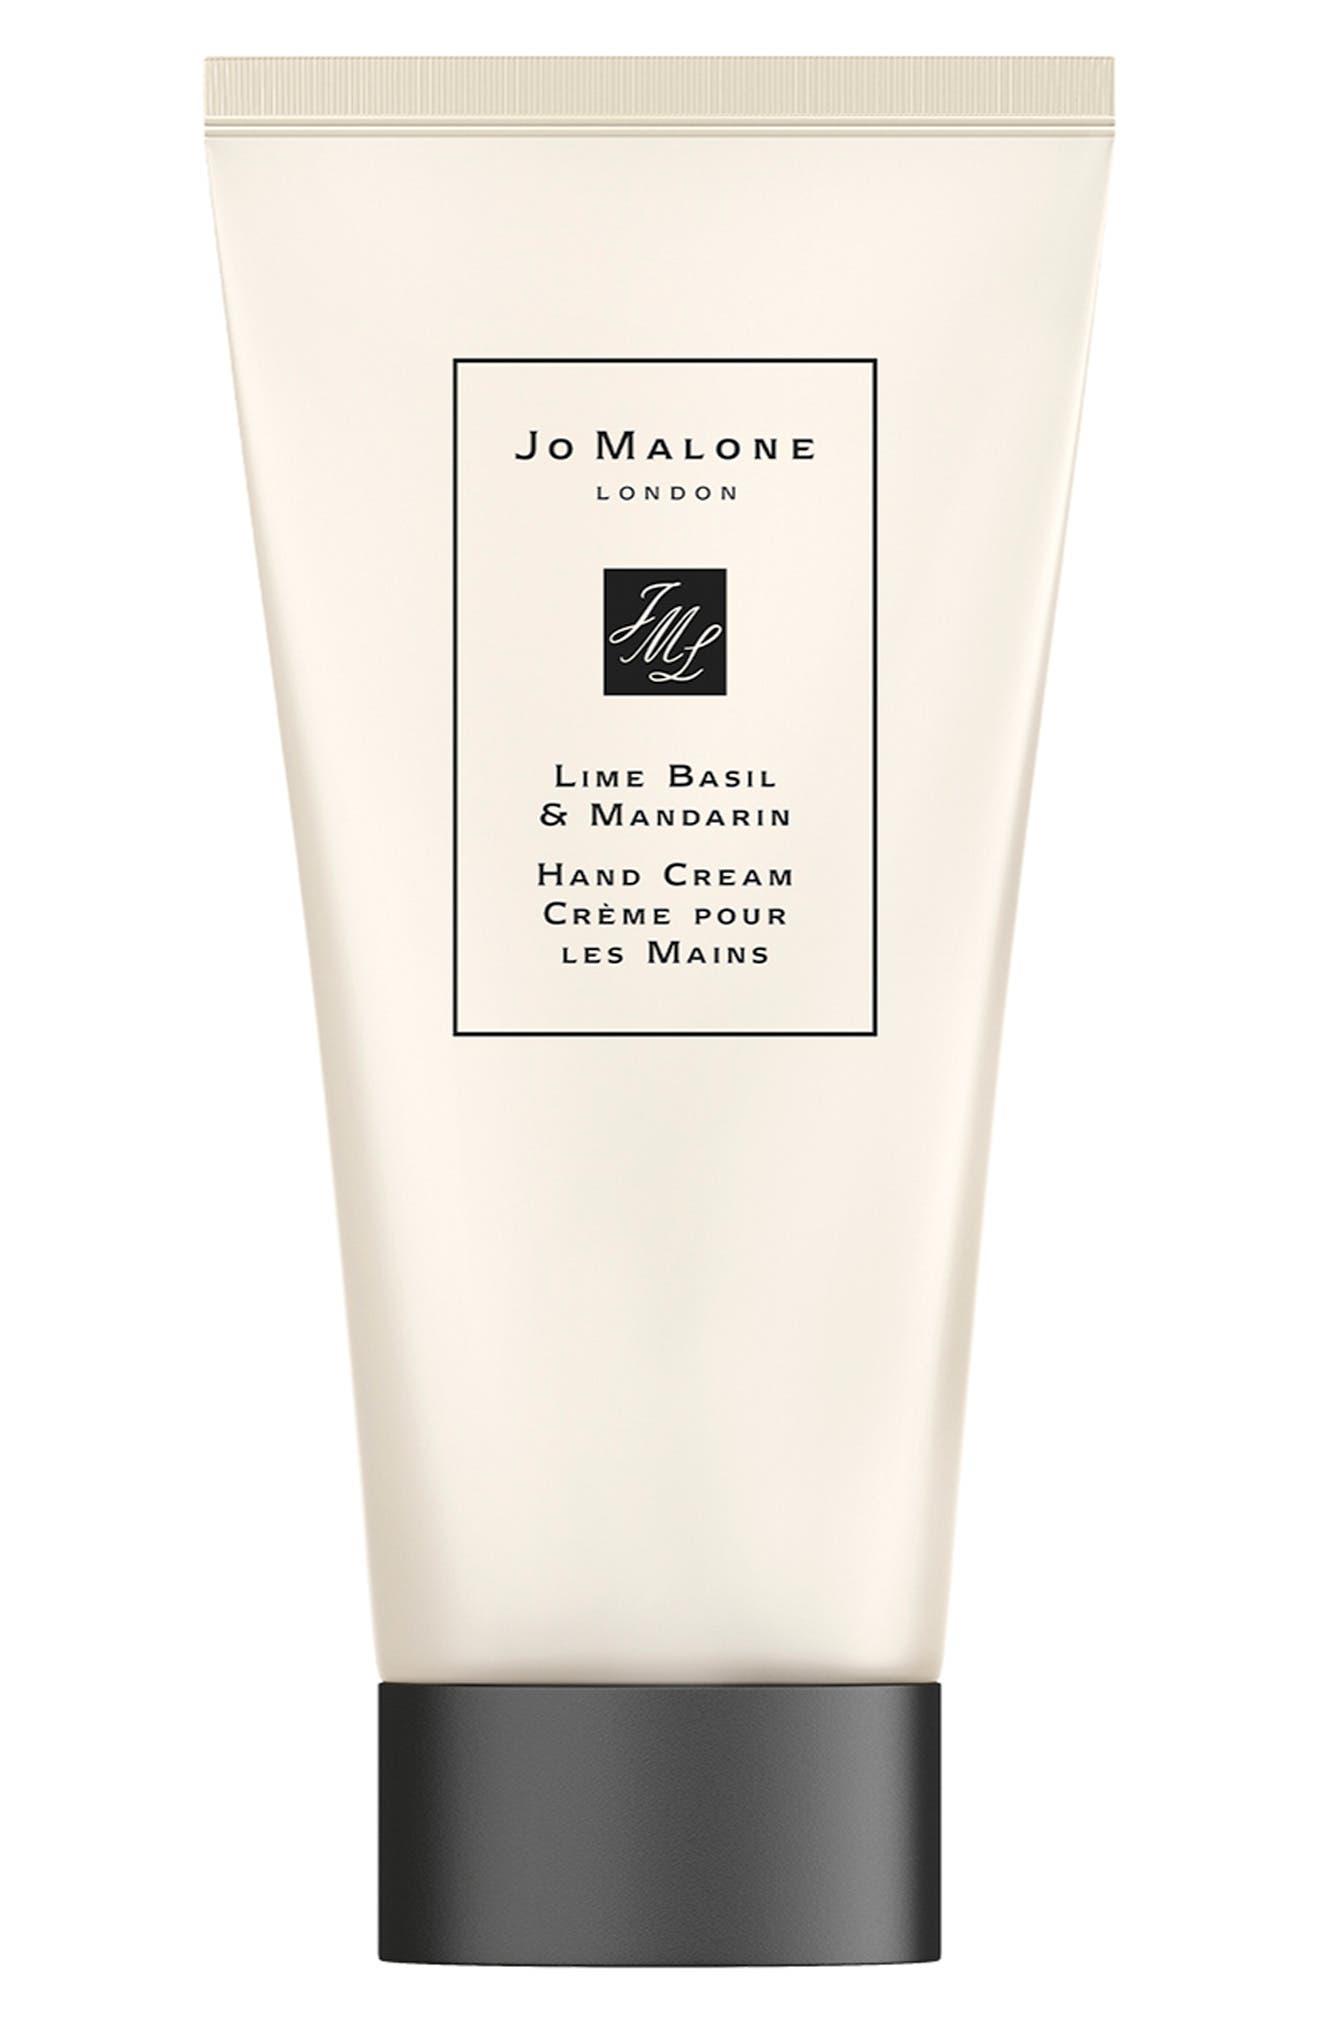 Jo Malone London(TM) Lime Basil & Mandarin Hand Cream